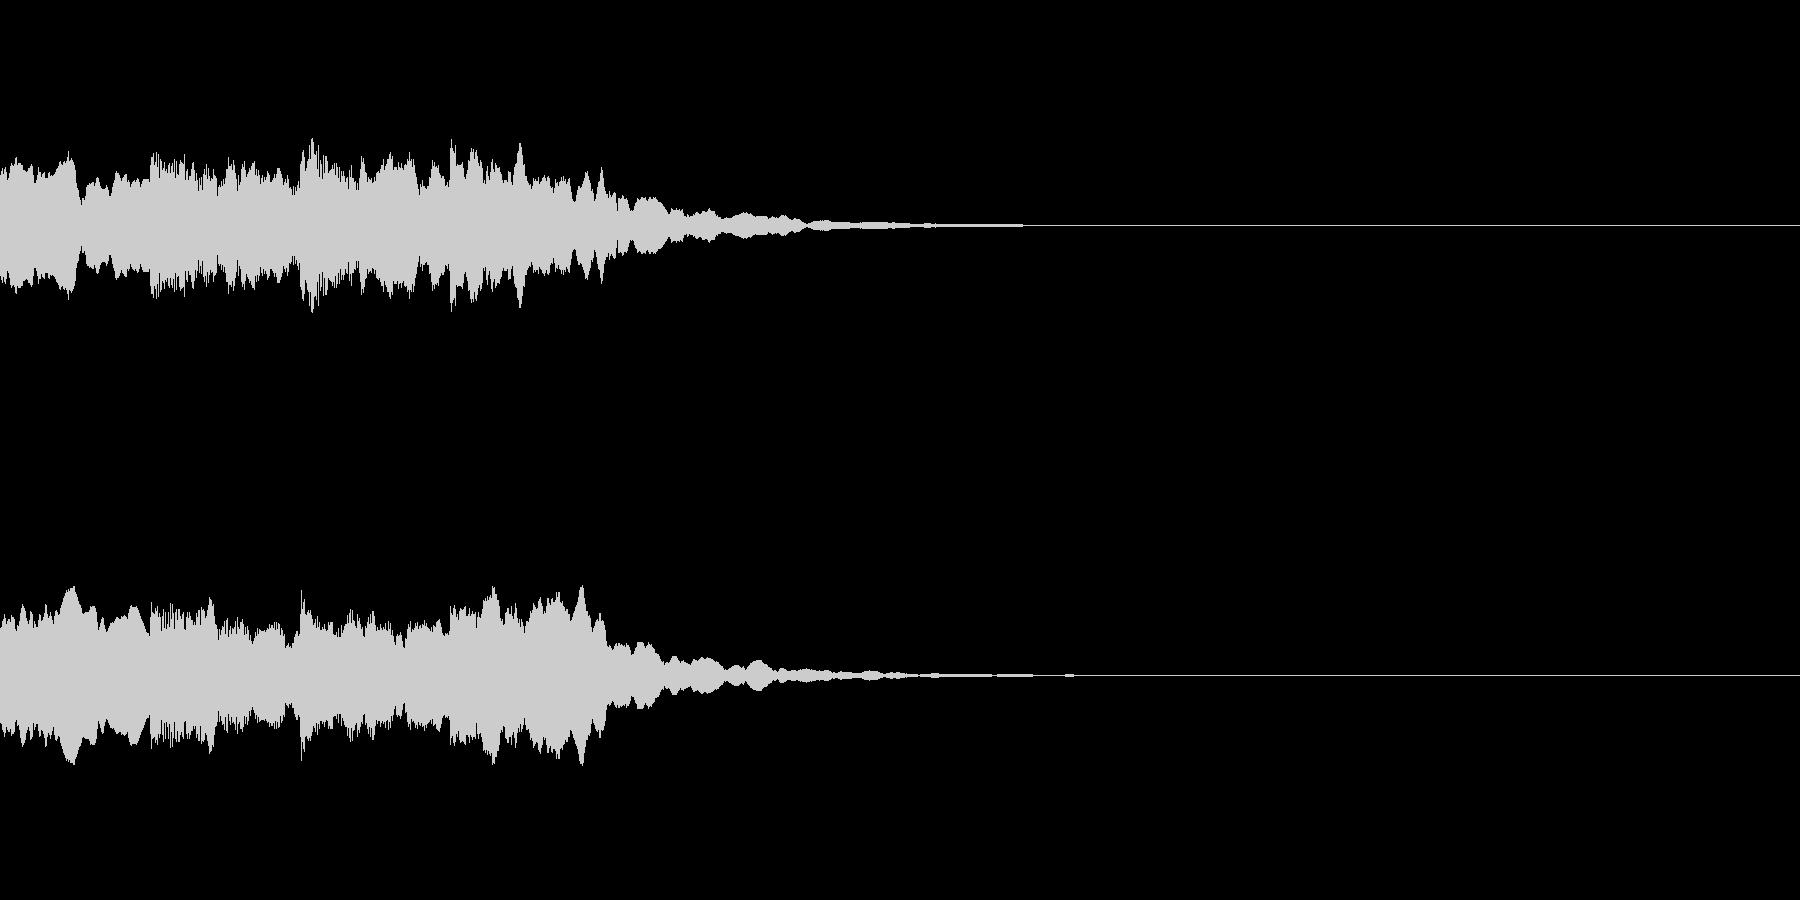 ピンポンパンポン シンセ 上昇の未再生の波形